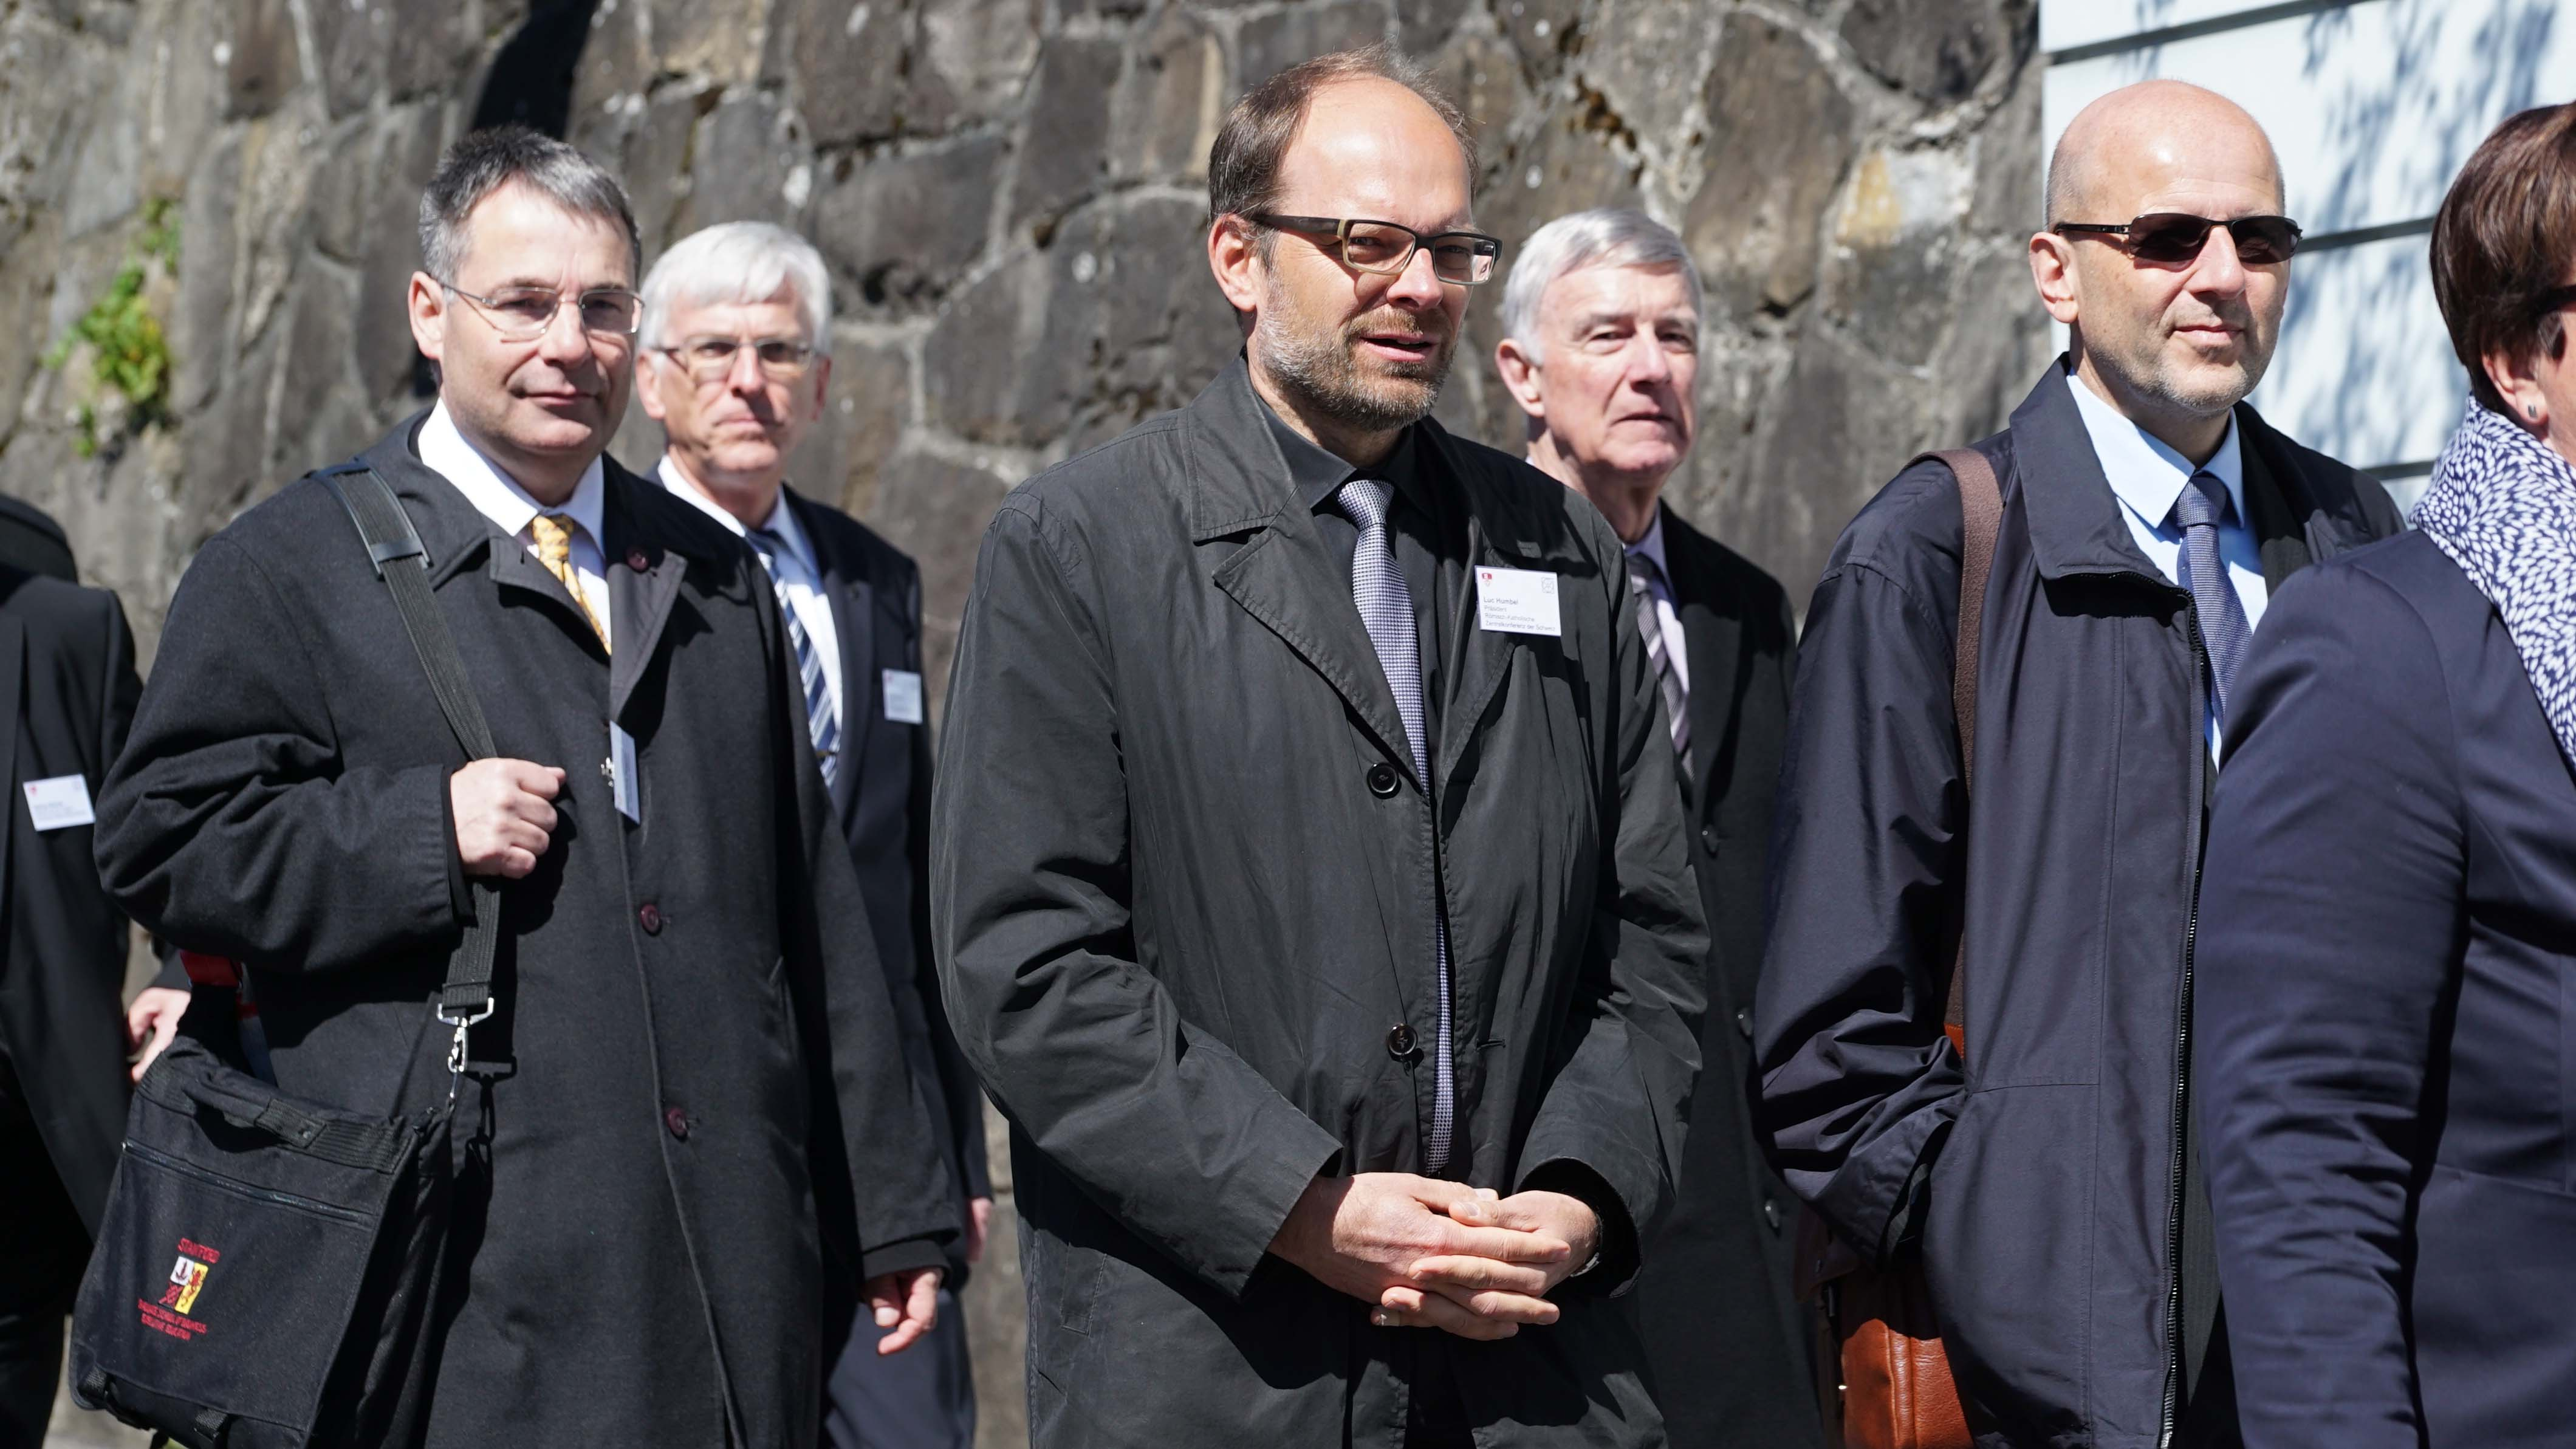 Staatsakt zu 600 Jahre Bruder Klaus in Sarnen. Hier v.l.r.: Urban Fink-Wagner, Geschäfstführer Inländische Mission;  Luc Humbel, Präsident RKZ; Paul Niederberger, Präsident Inländische Mission; Daniel Kosch, Generalsekretär RKZ. (© Vera Rüttimann)